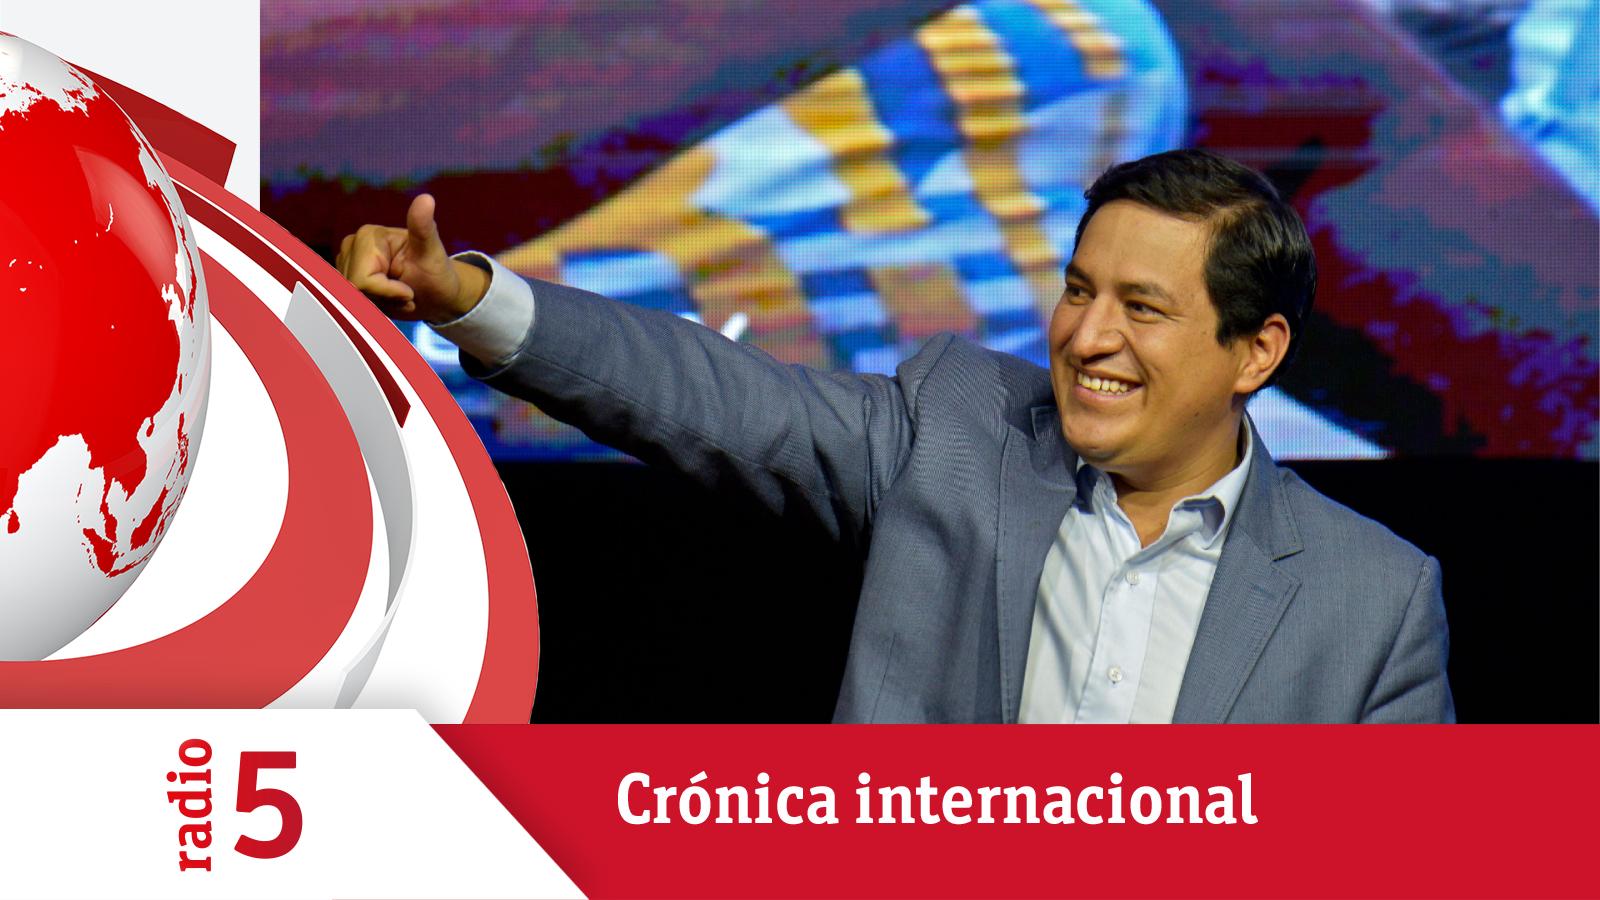 Crónica Internacional - El correísta Arauz gana en la primera vuelta en Ecuador - Escuchar ahora